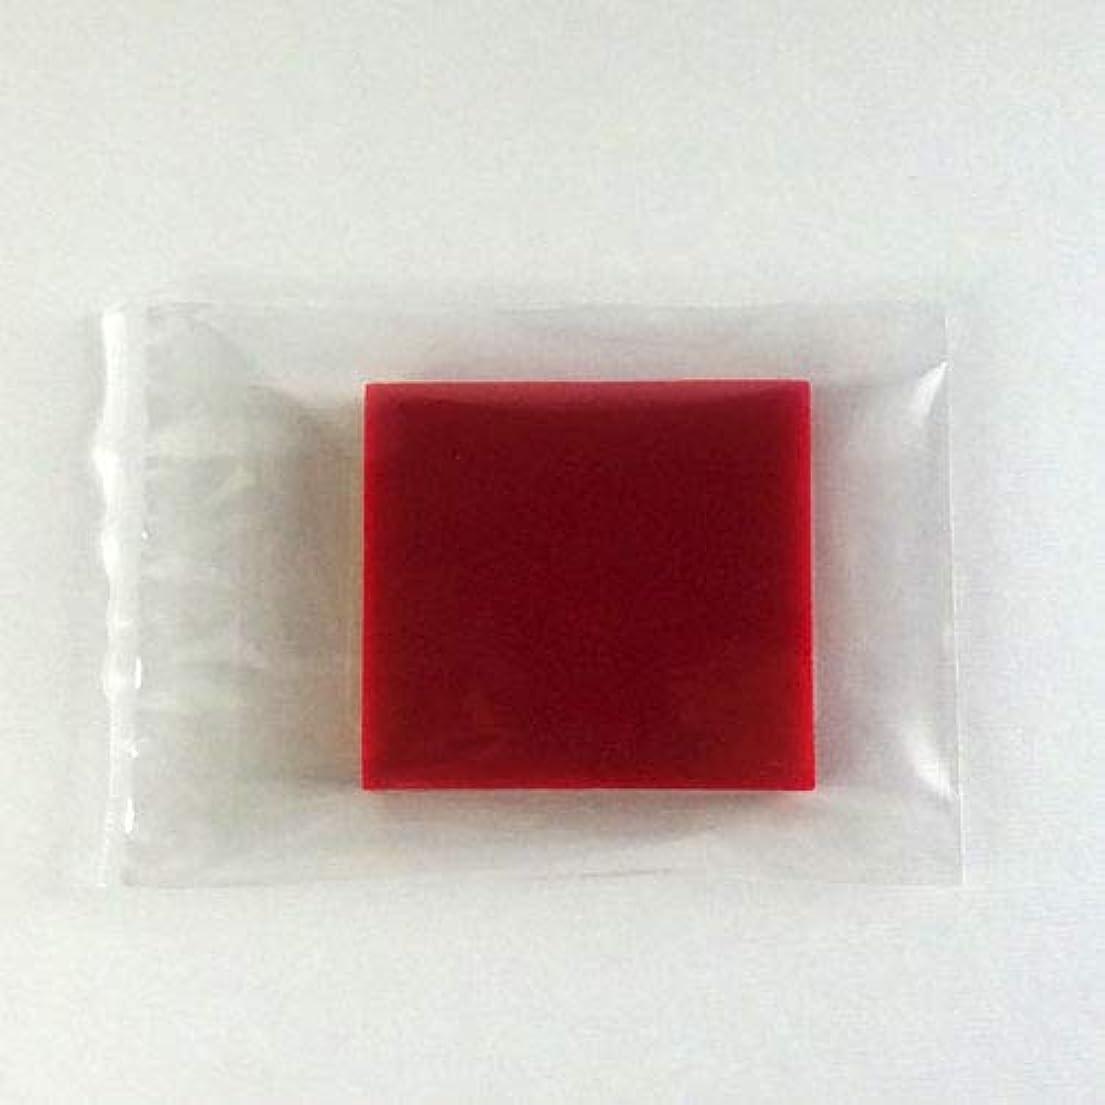 二十セットする前売グリセリンソープ MPソープ 色チップ 赤(レッド) 30g